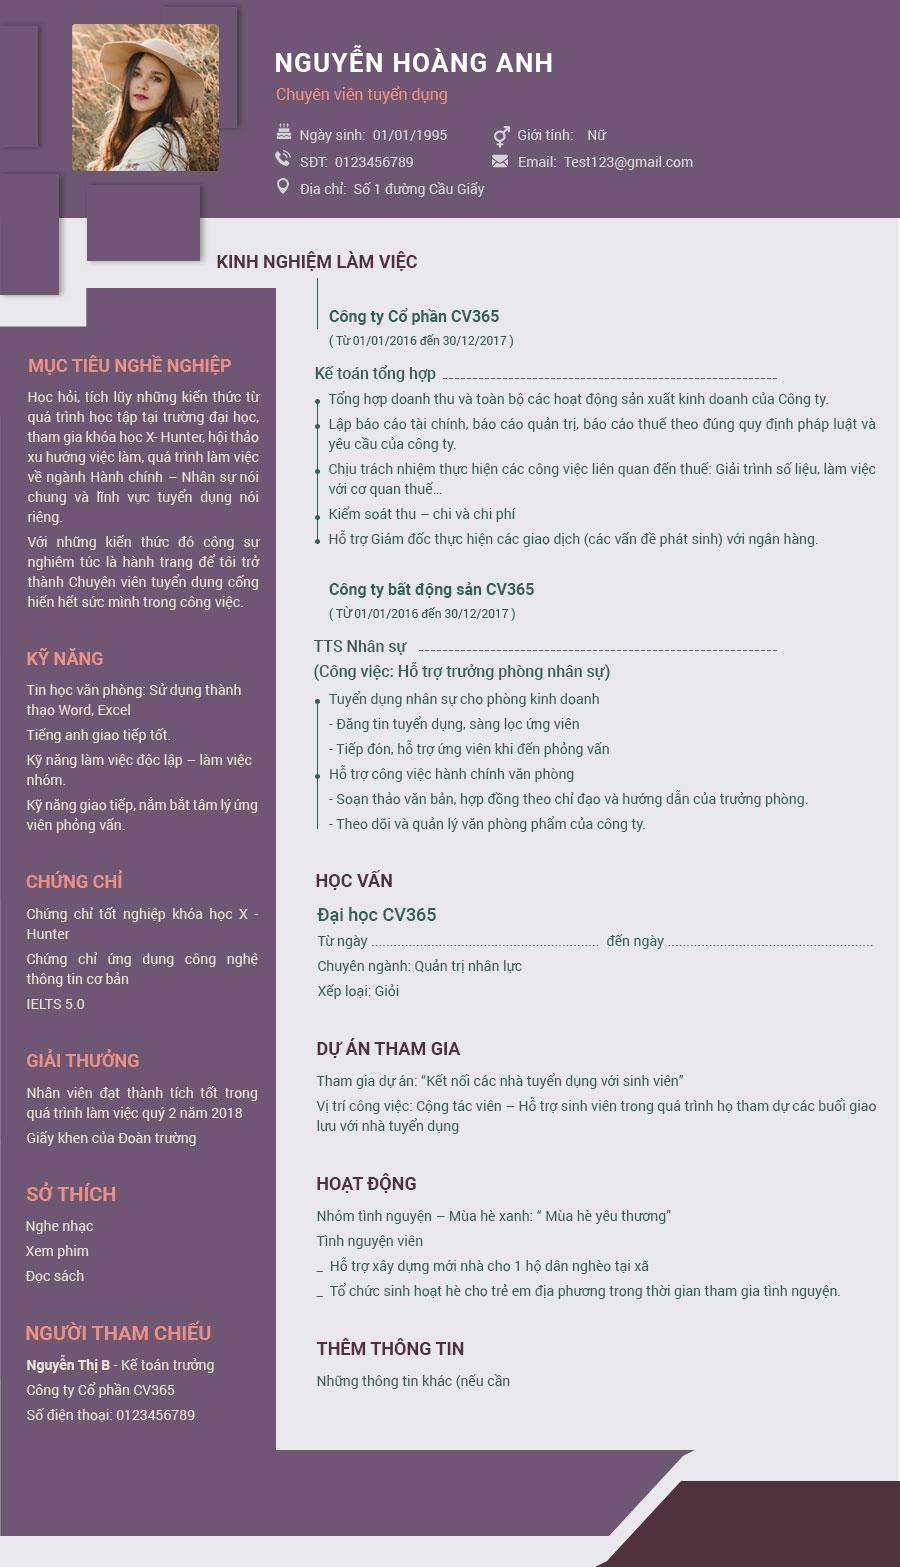 Hướng dẫn bạn cách viết chuẩn nhất CV xin việc ngành luật